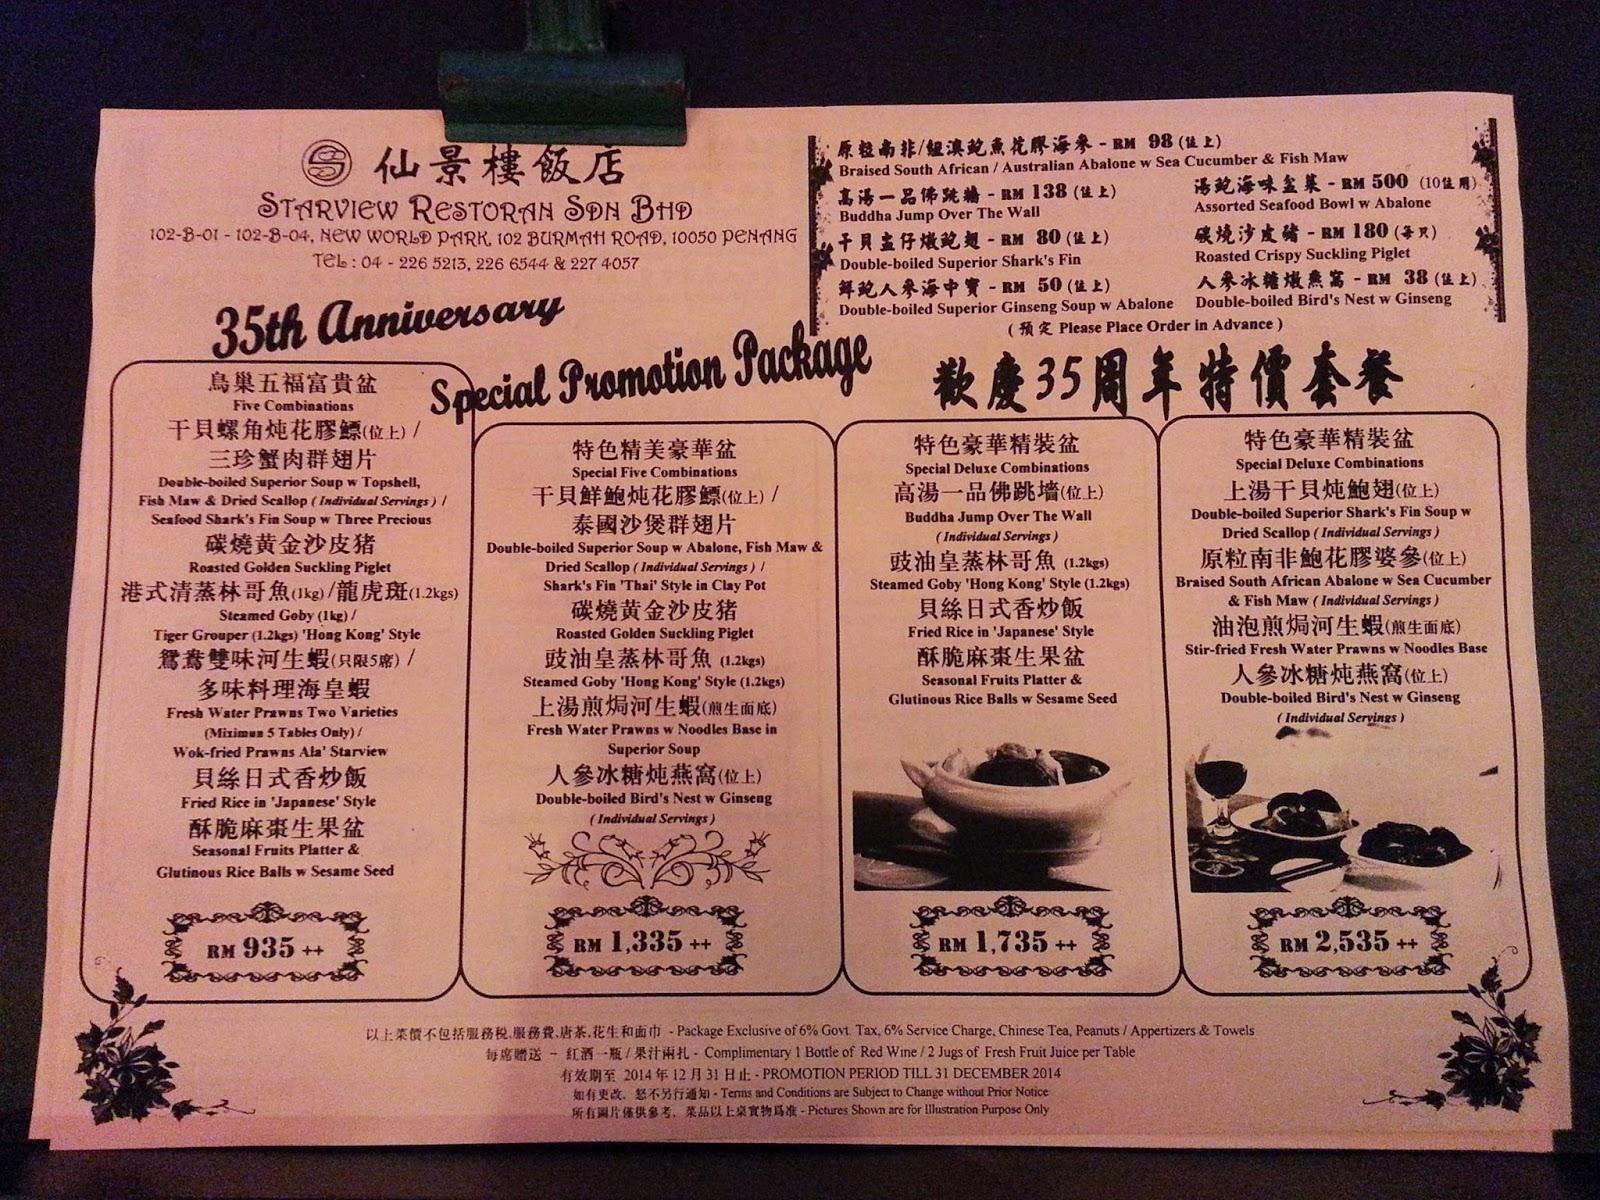 Starview Restaurant Penang Menu